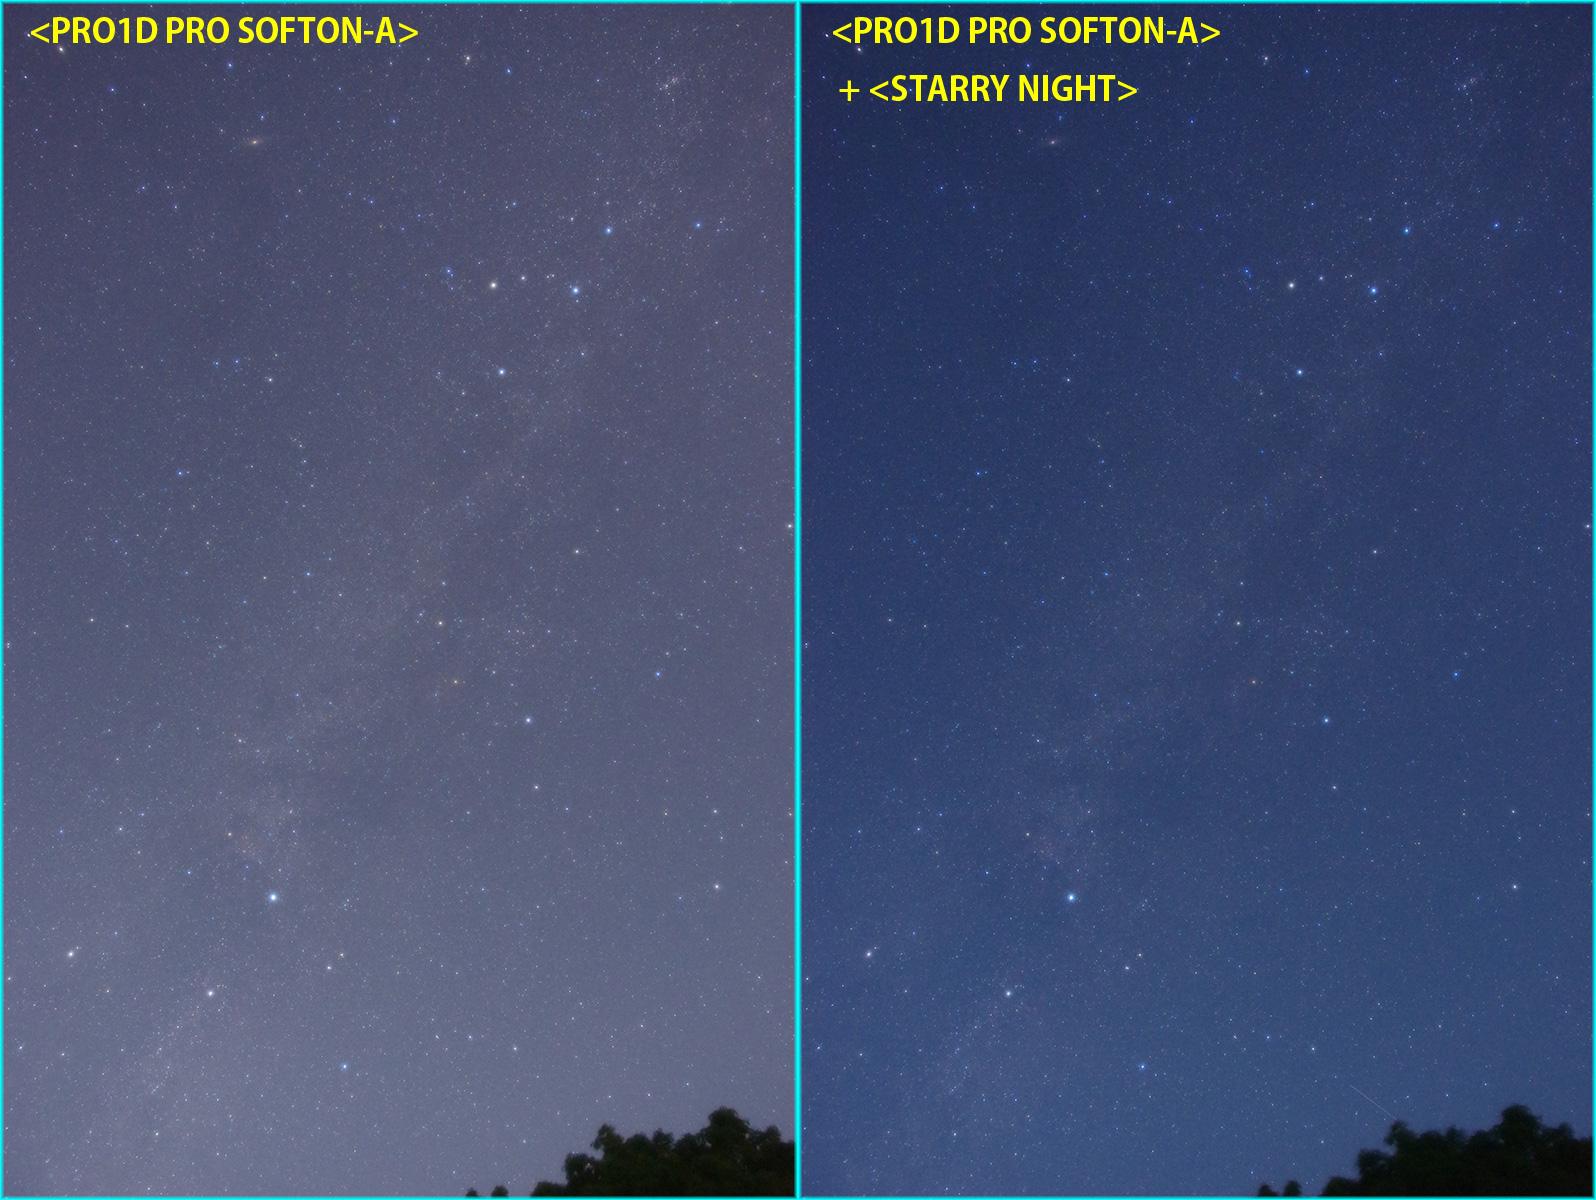 スターリーナイトフィルターの有無による比較(カメラJPEG出力)